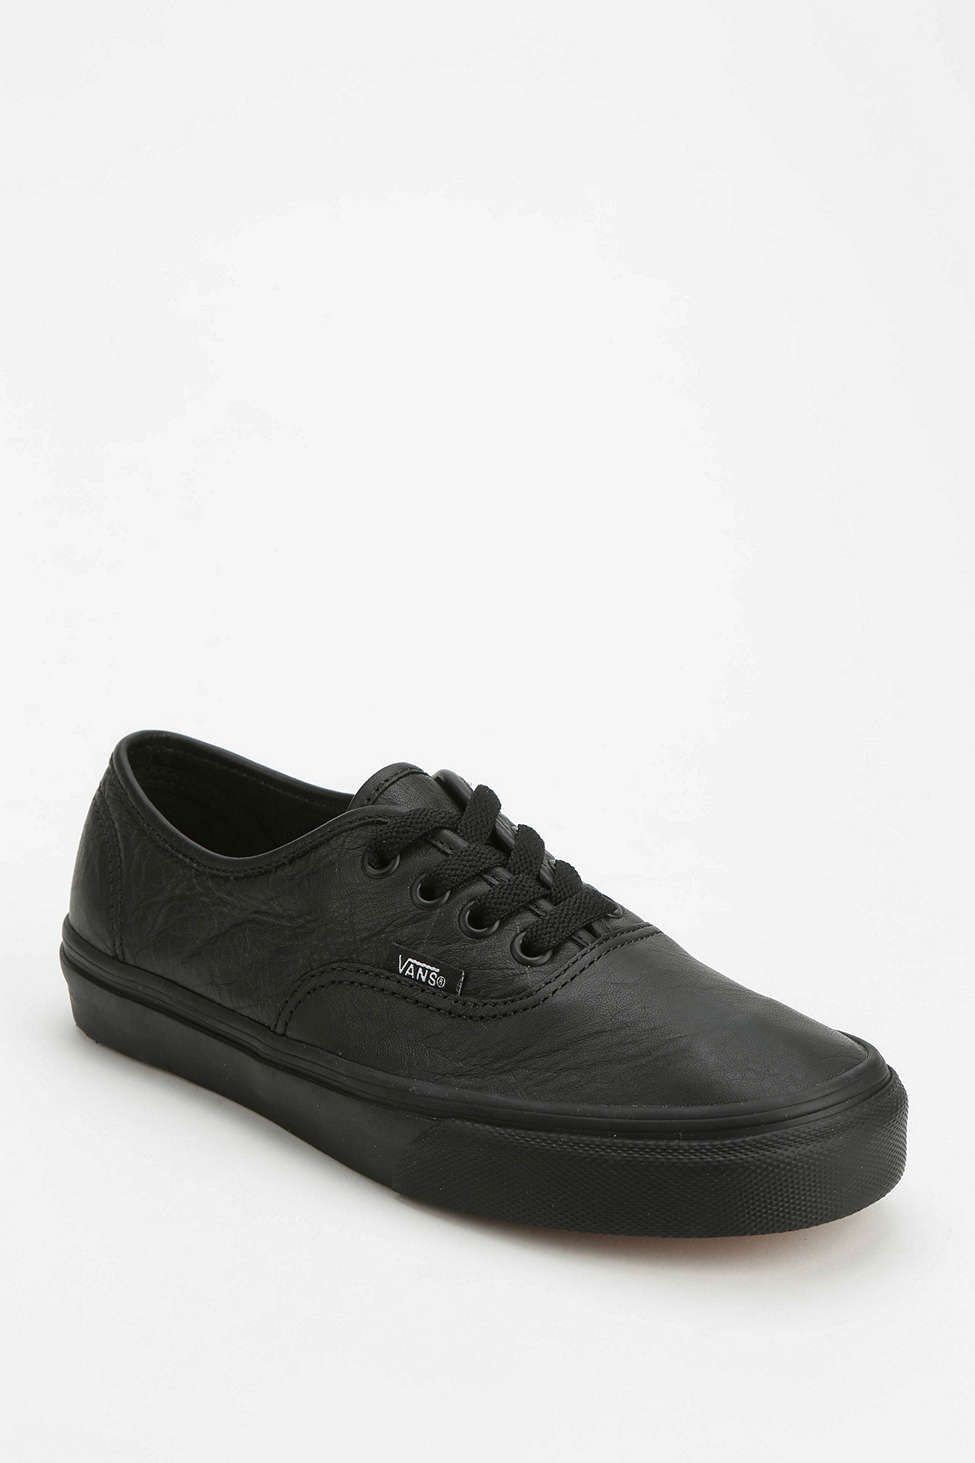 Vans authentic black, Leather vans